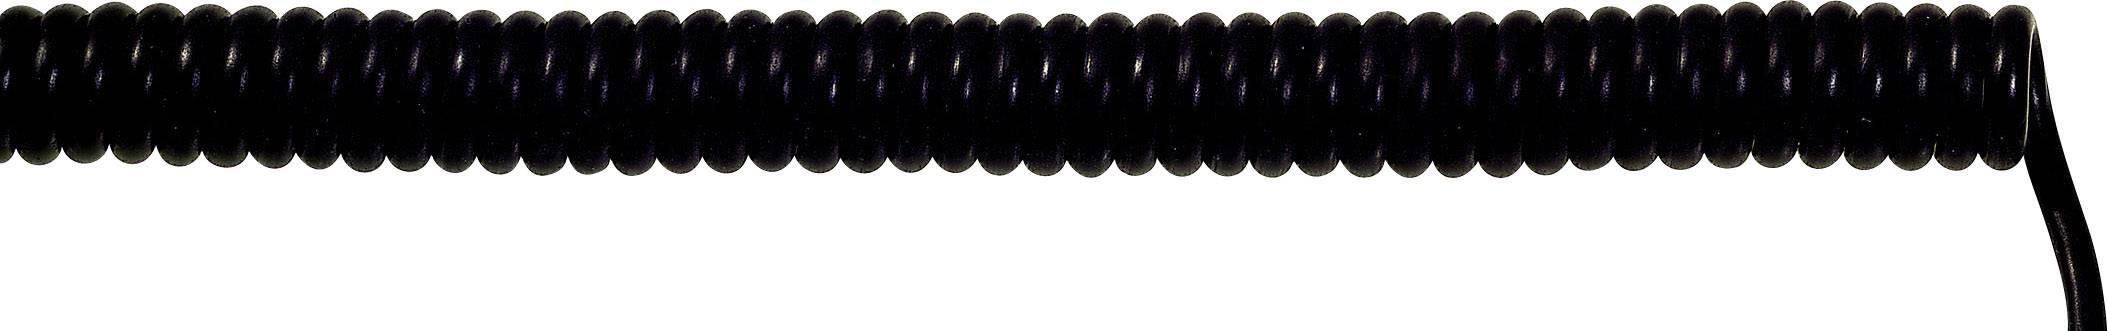 Špirálový kábel 73220207 UNITRONIC® SPIRAL 3 x 0.14 mm², 300 mm / 1200 mm, čierna